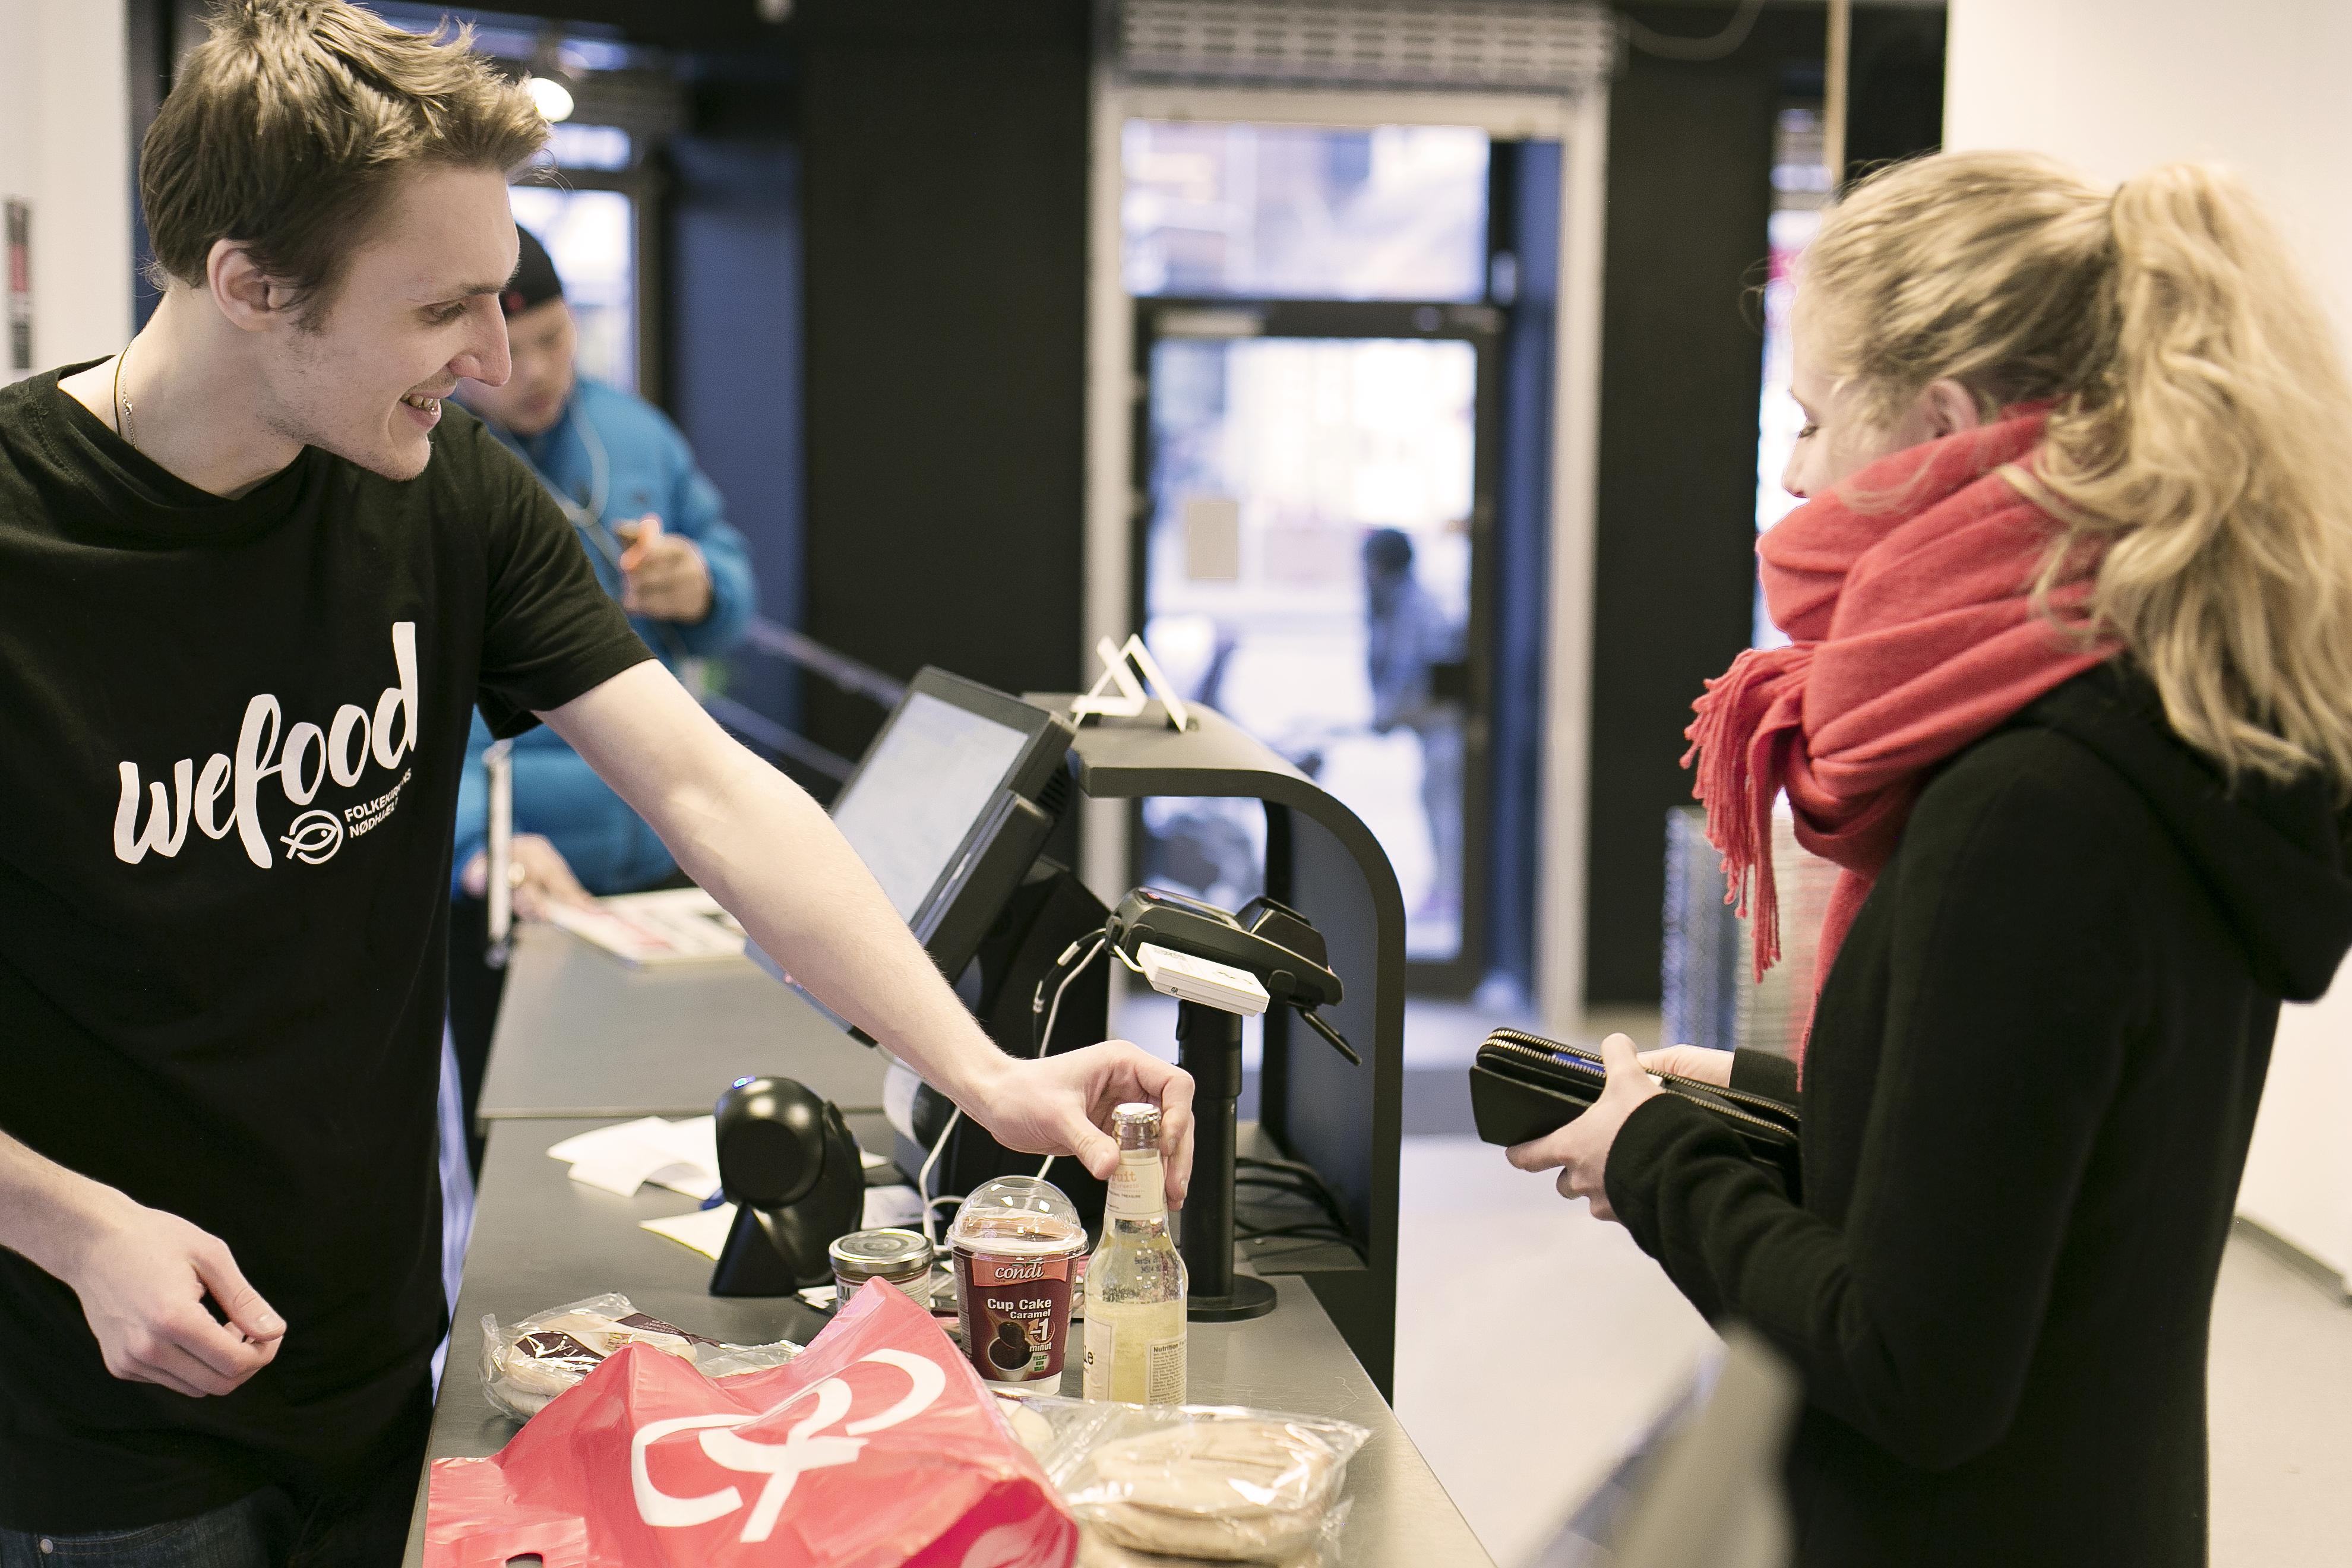 0fefc8b7ba8 Derfor udvider Wefood med to nye butikker. Foto: Mikkel Østergaard